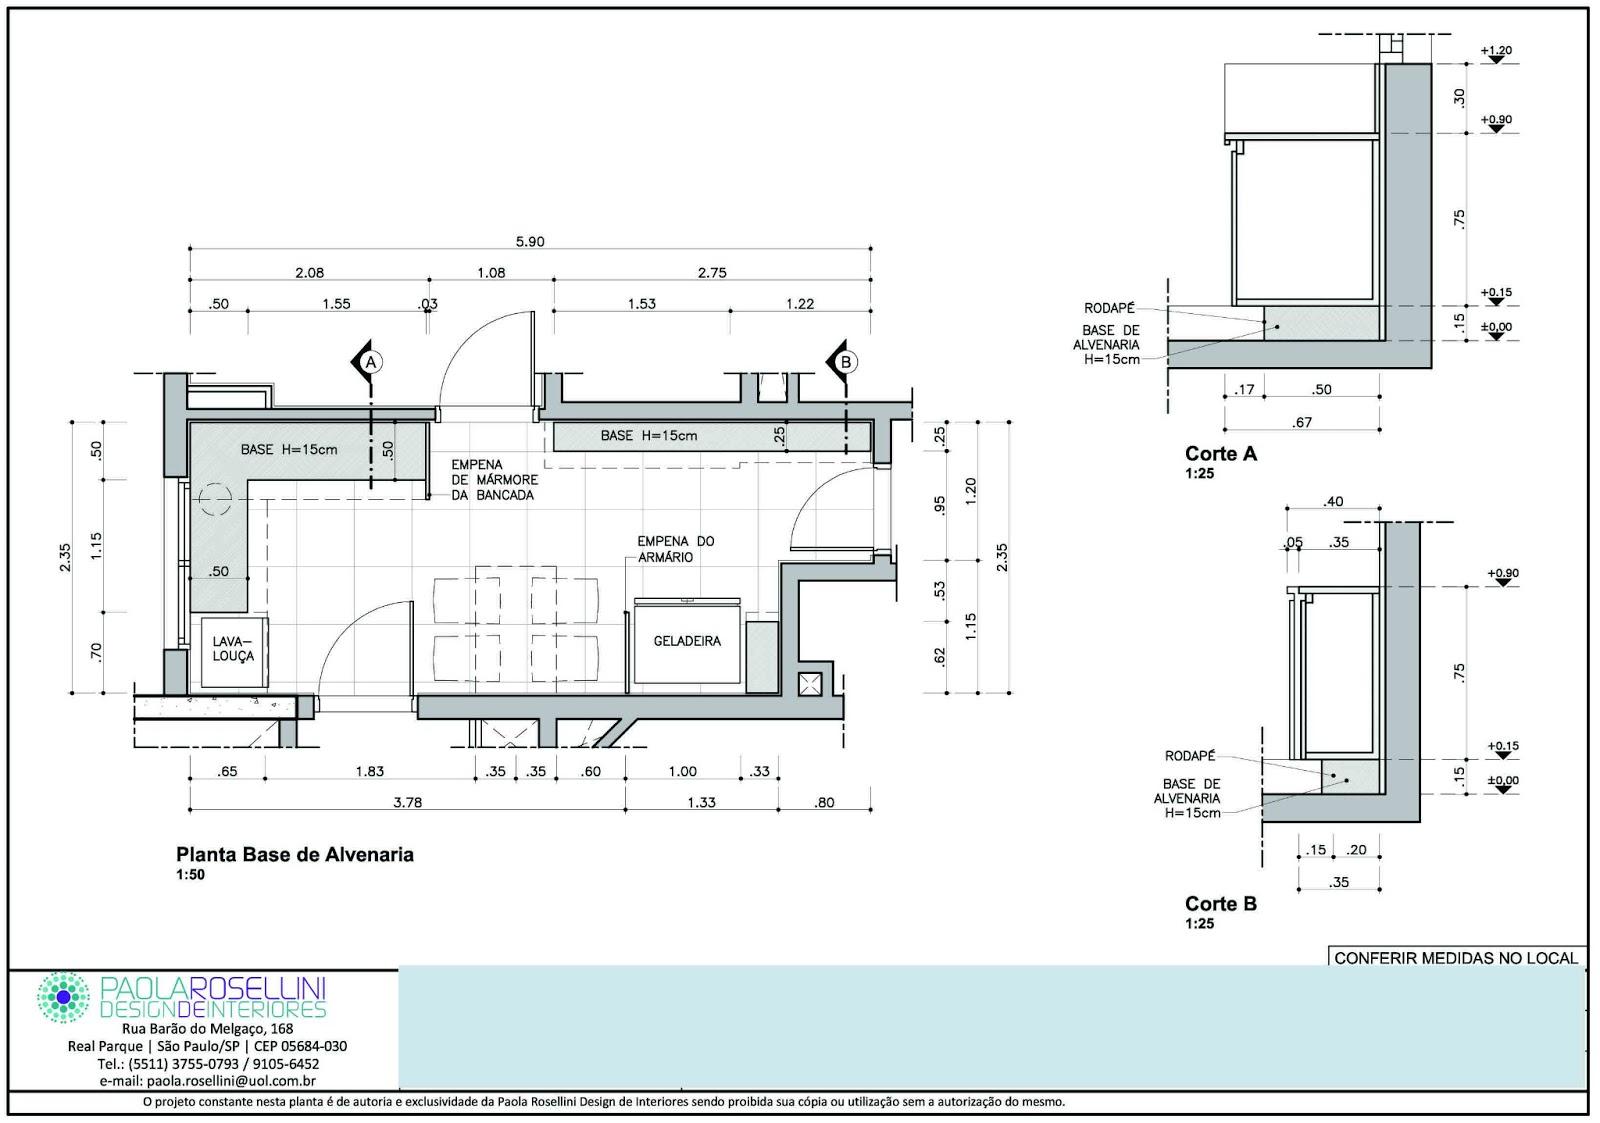 Imagens de #2000CC  executivo para instalação elétrica desenho de bancada para banheiro 1600x1123 px 3336 Blocos Autocad Banheiro Para Deficientes